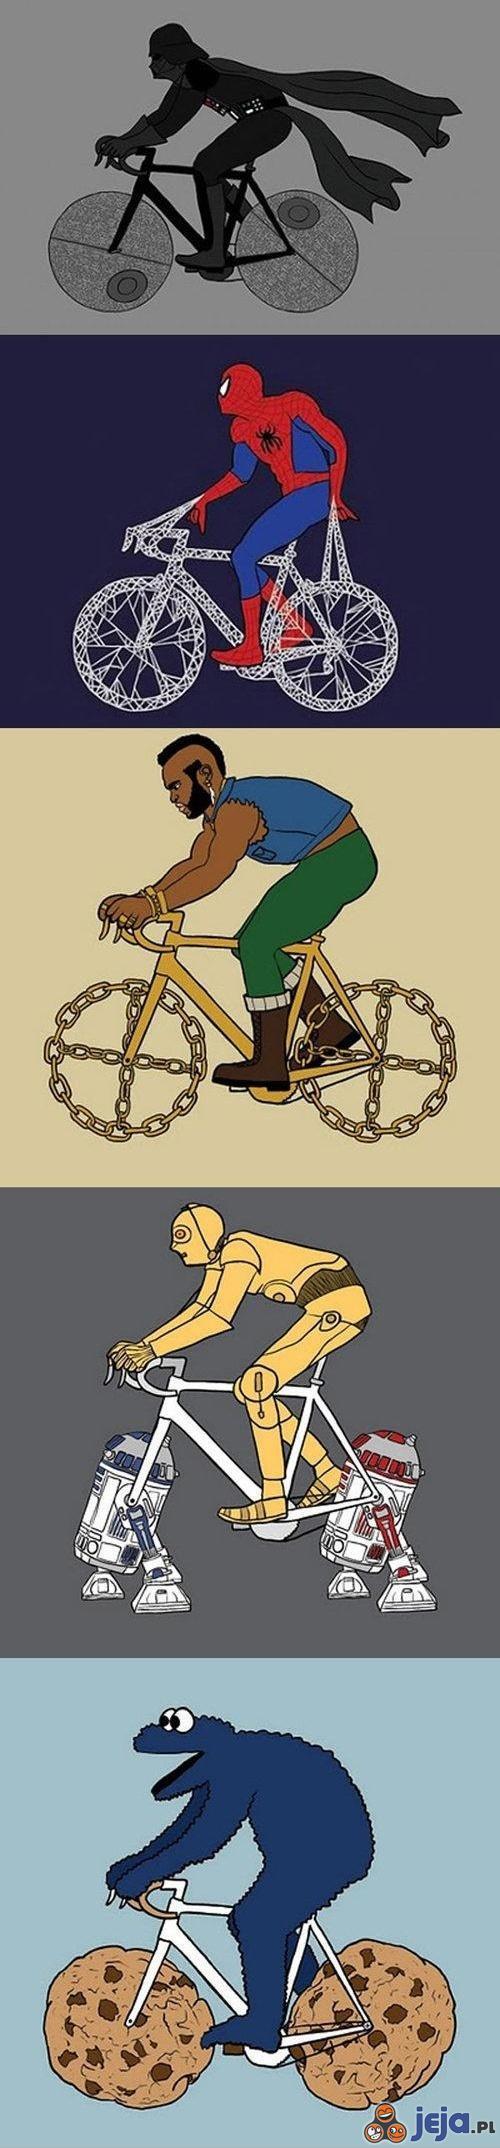 Rower dobry dla każdego